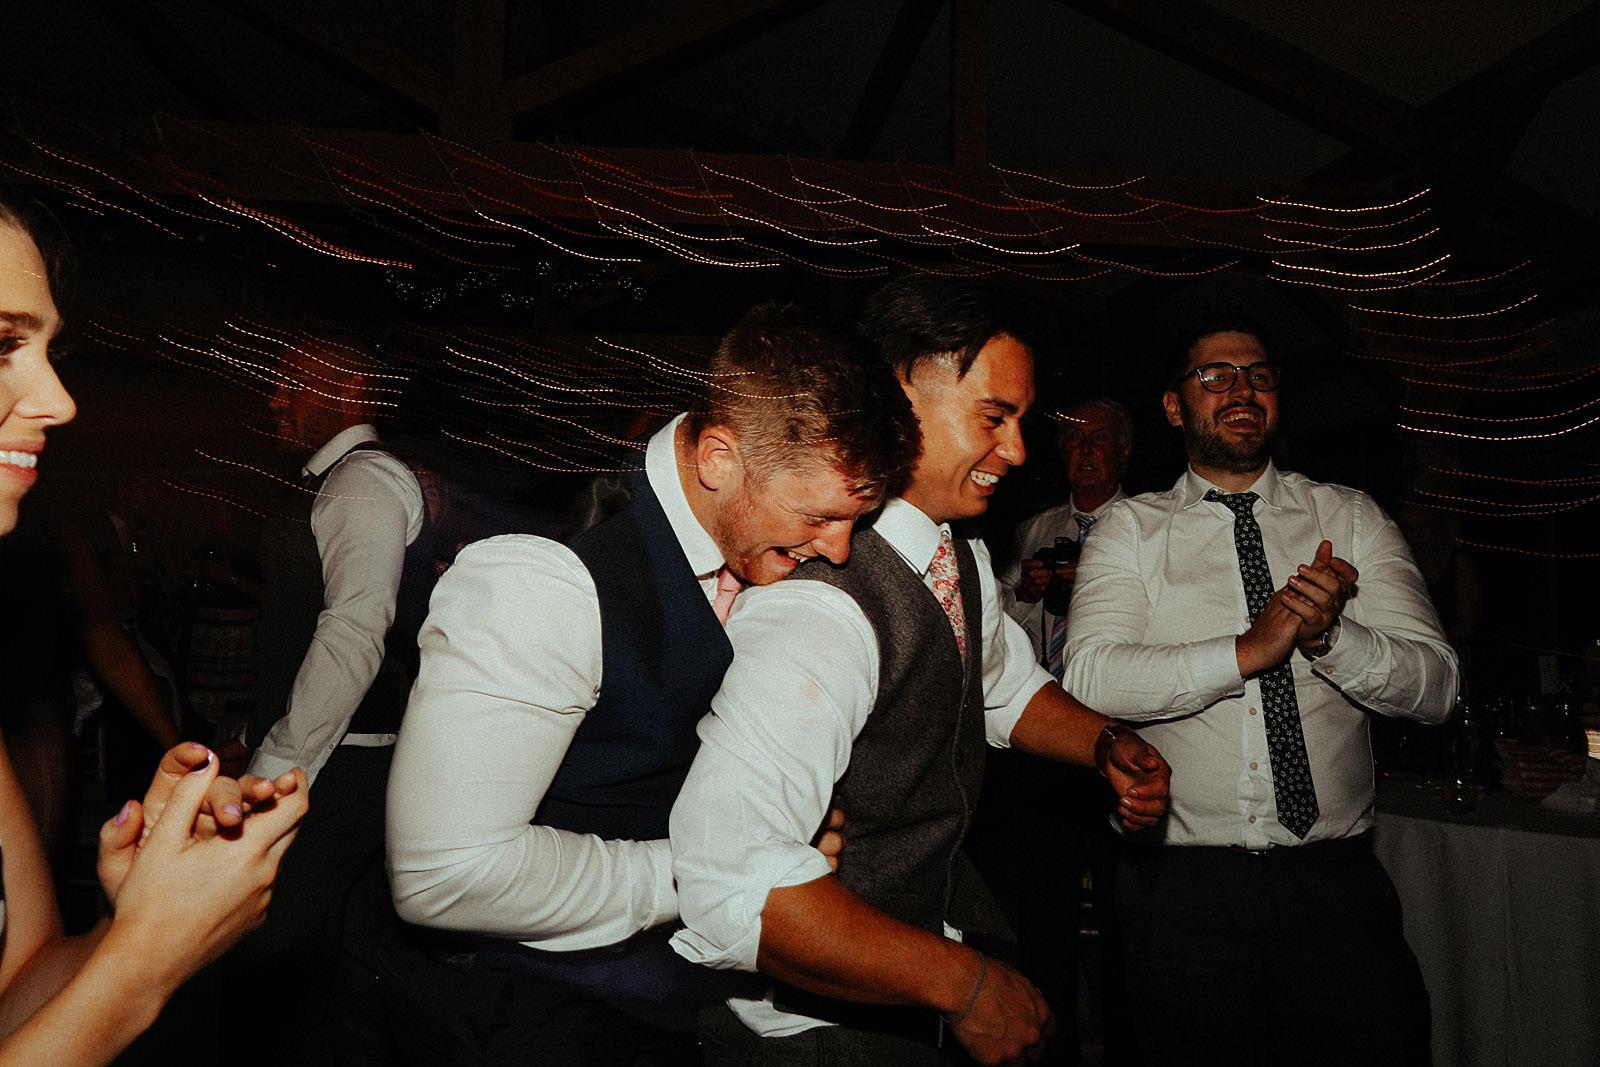 the men dancing at wedding